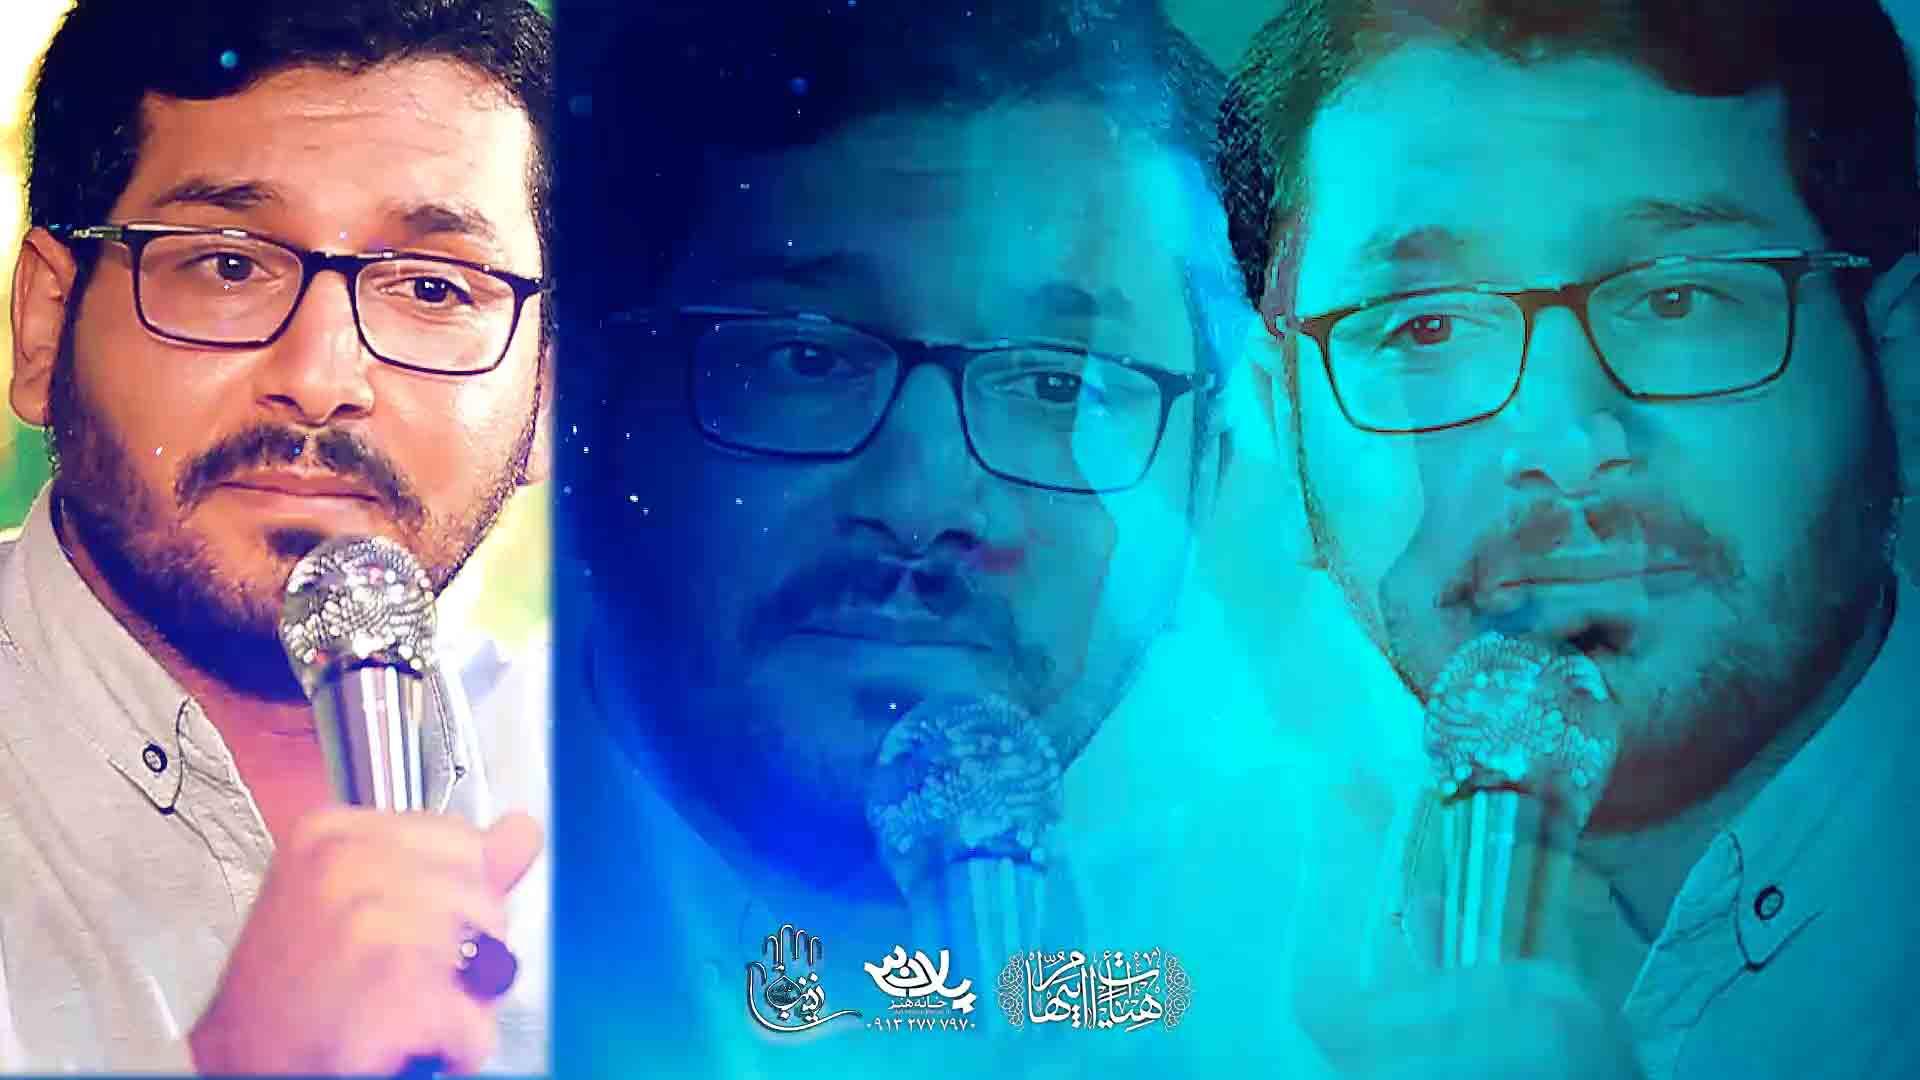 دامن آلوده علی اکبر حائری